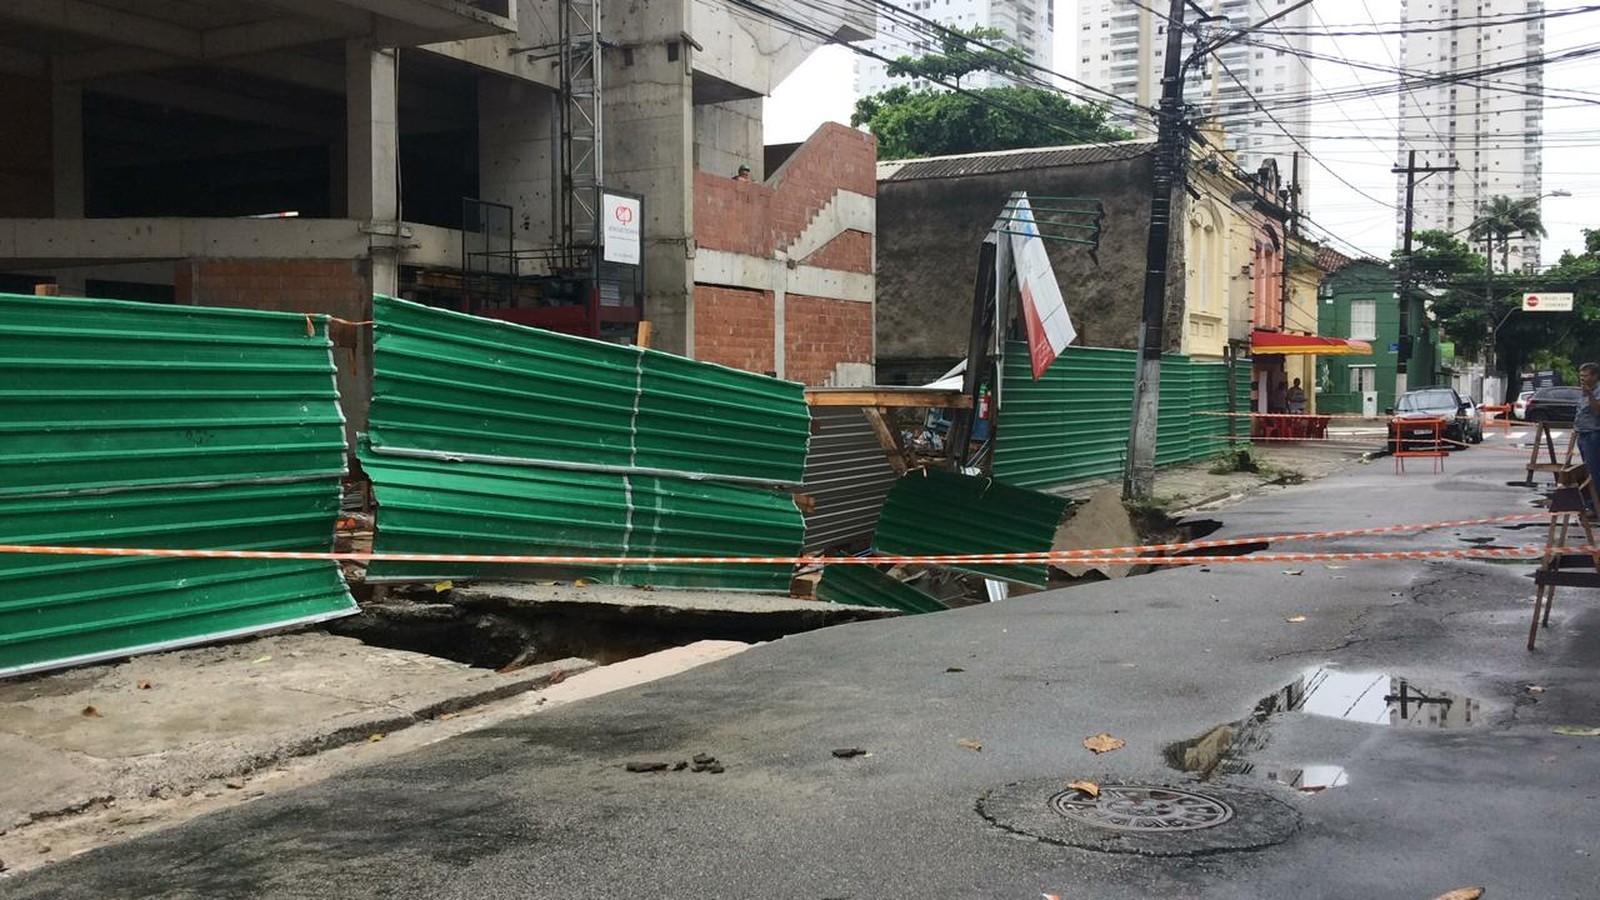 Aslfalto cedeu na rua Paraná, em frente a um prédio em obras, em Santos — Foto: Adriana Cutino/G1